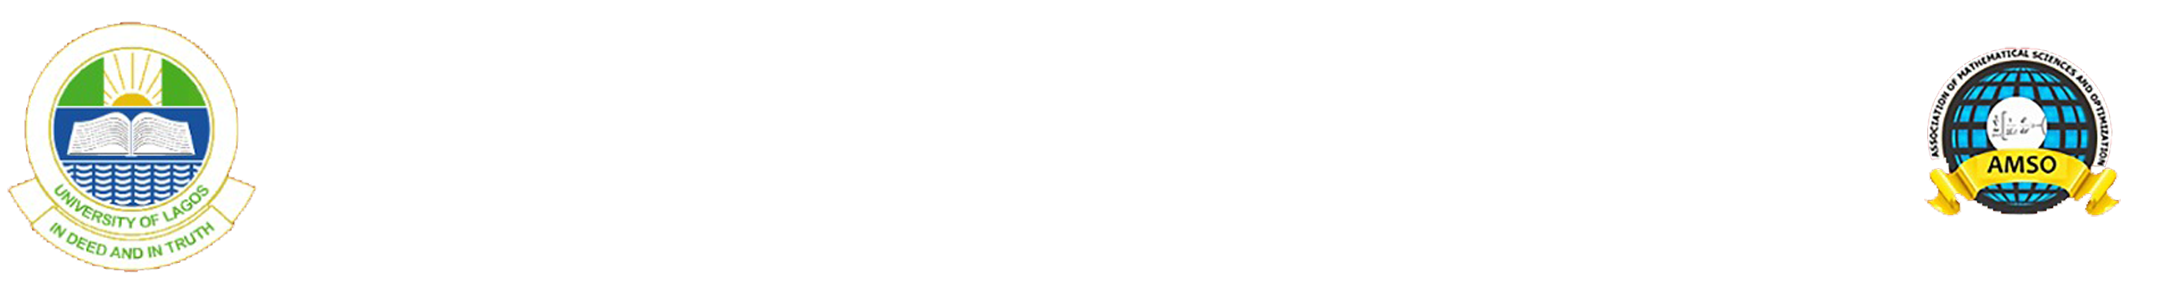 ijmao.unilag.edu.ng